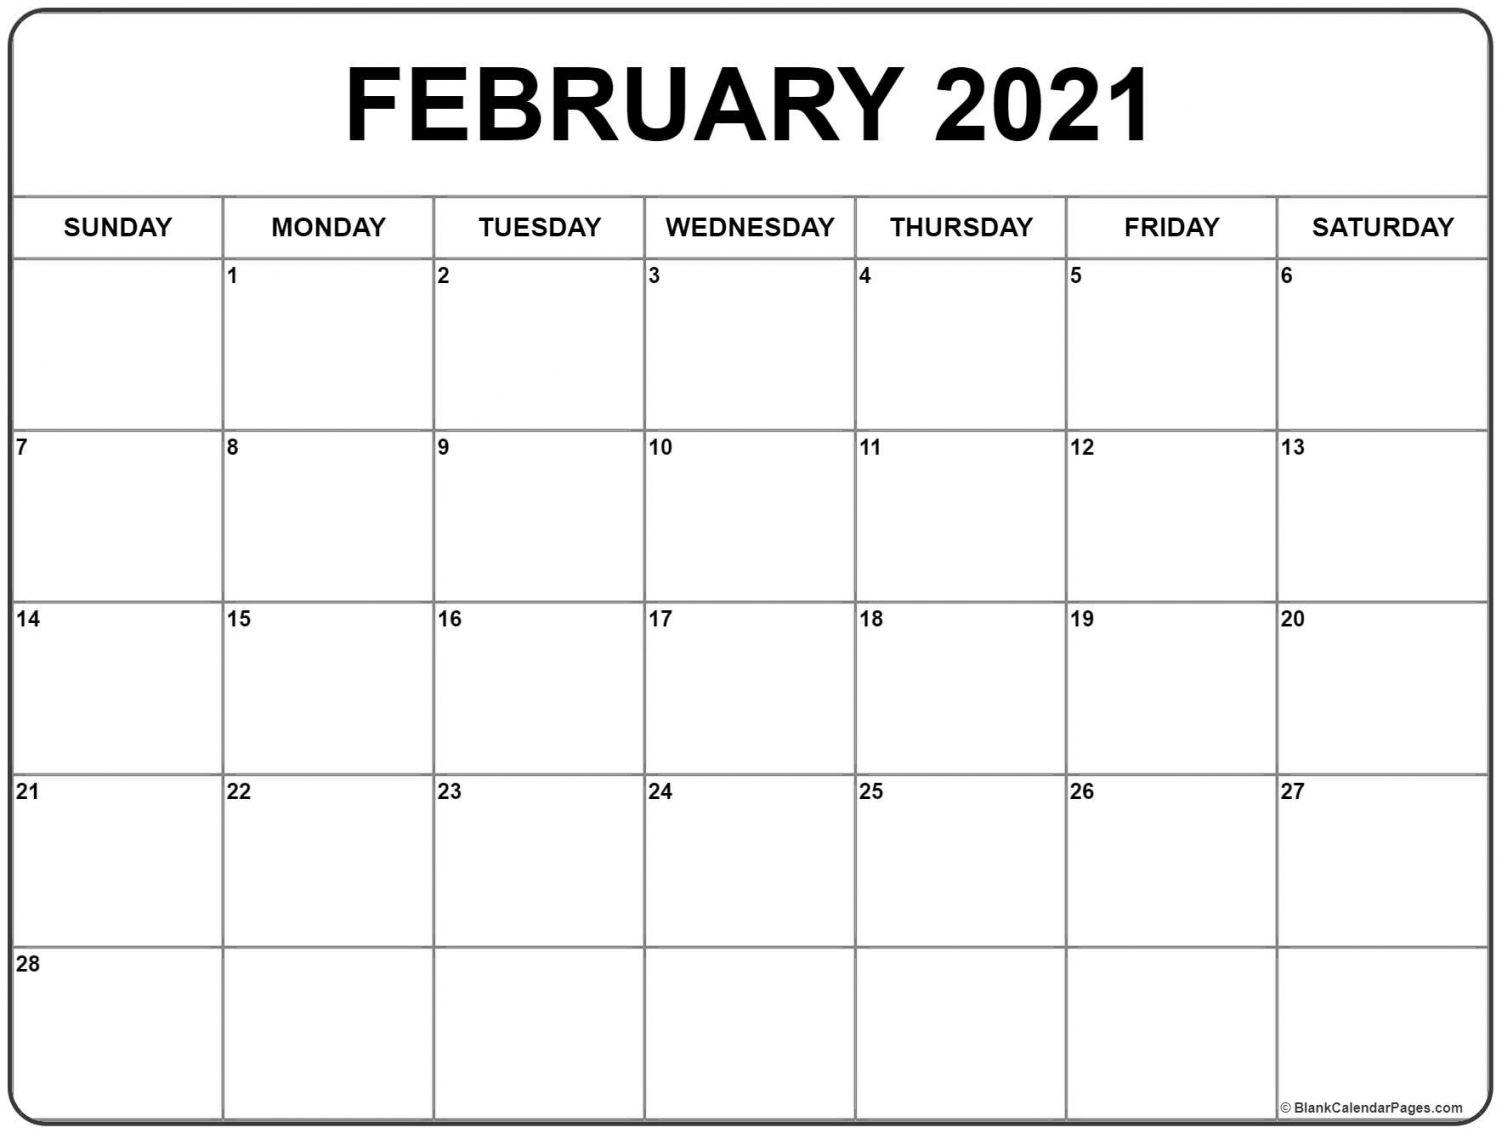 Printable February Calendar 2021 February 2021 Calendar Templates | Calendar printables, Print